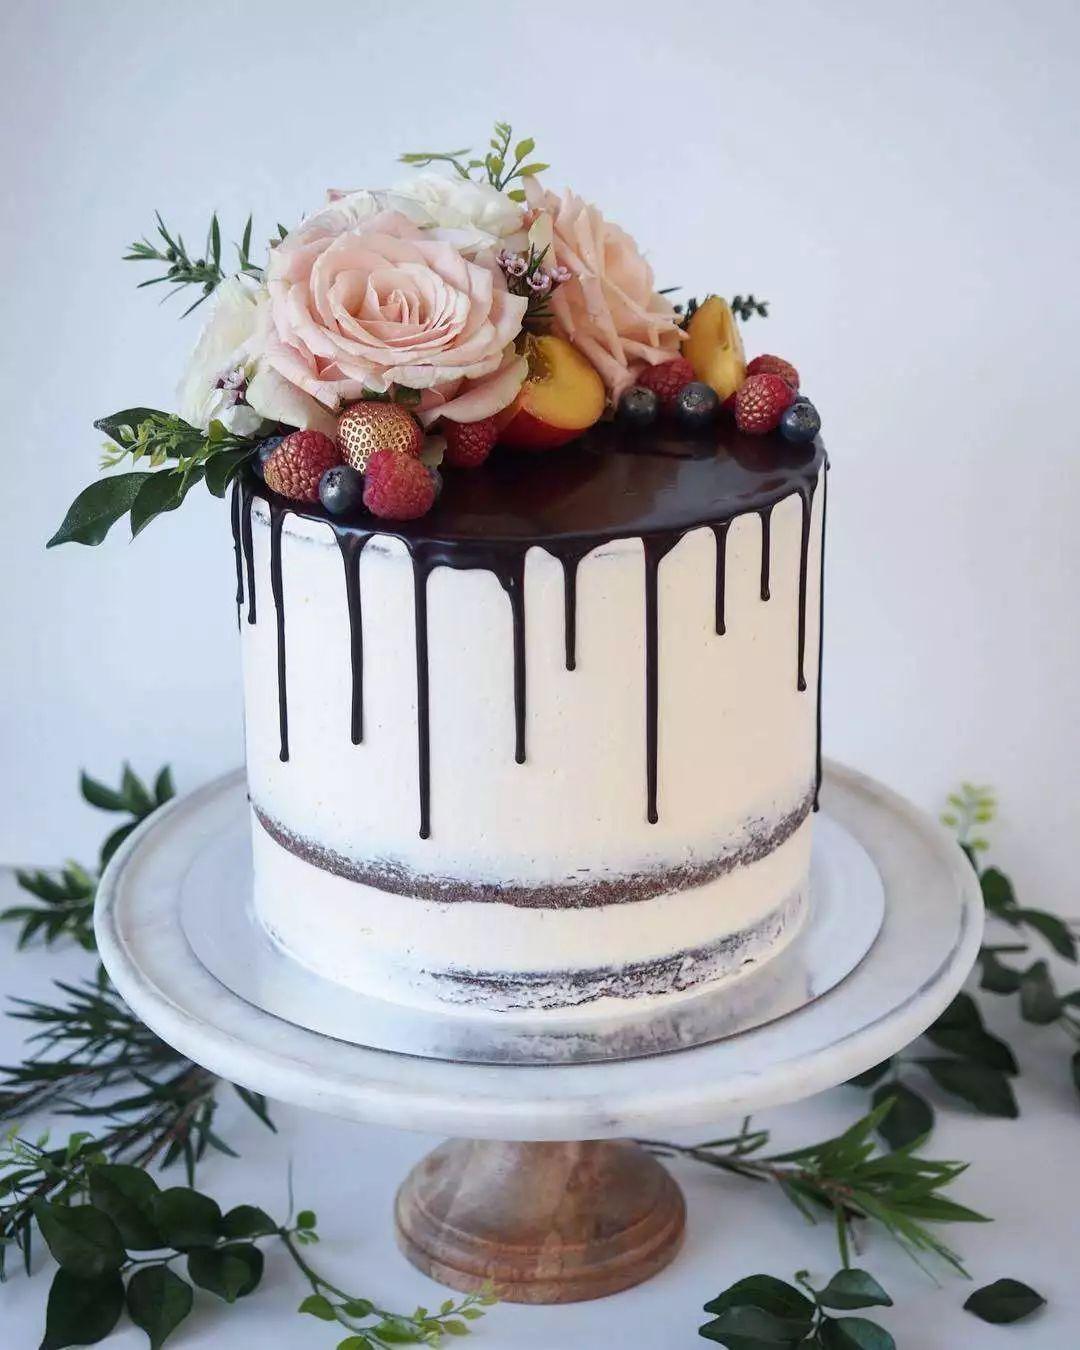 美国半个世纪以来流行的蛋糕